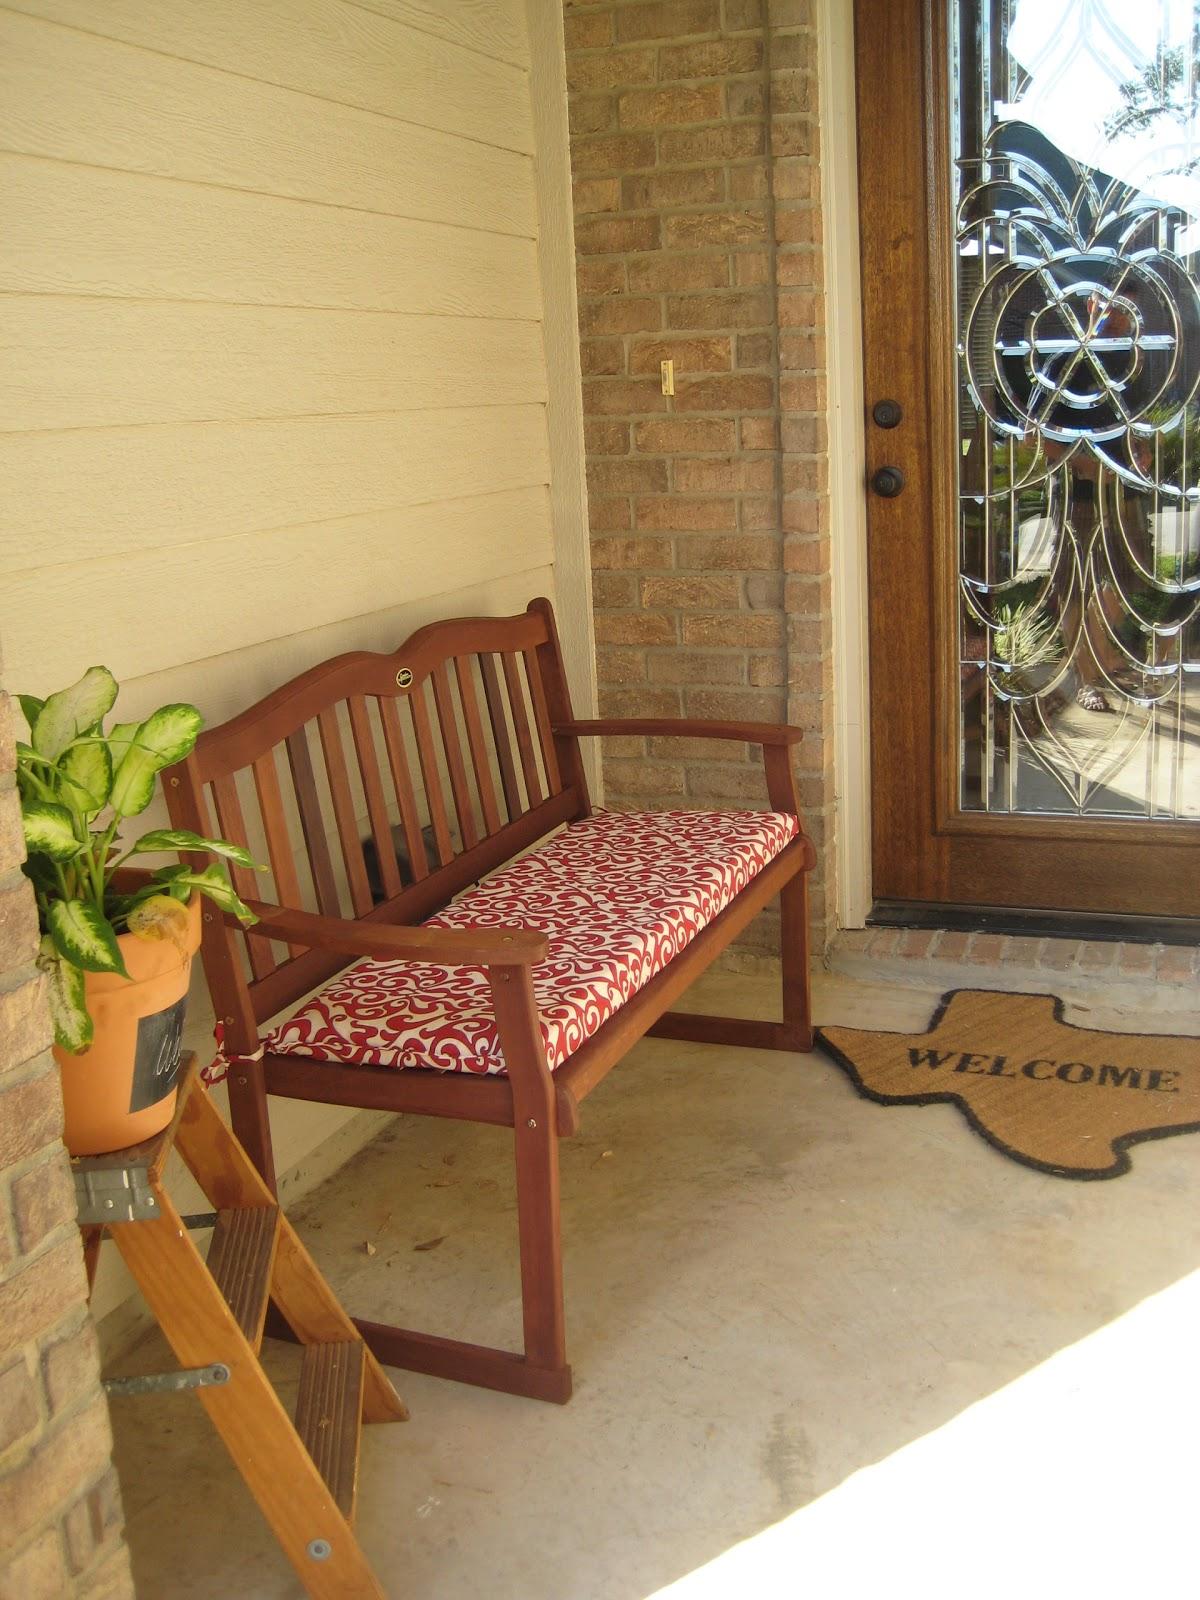 Texas Tales: May 2011